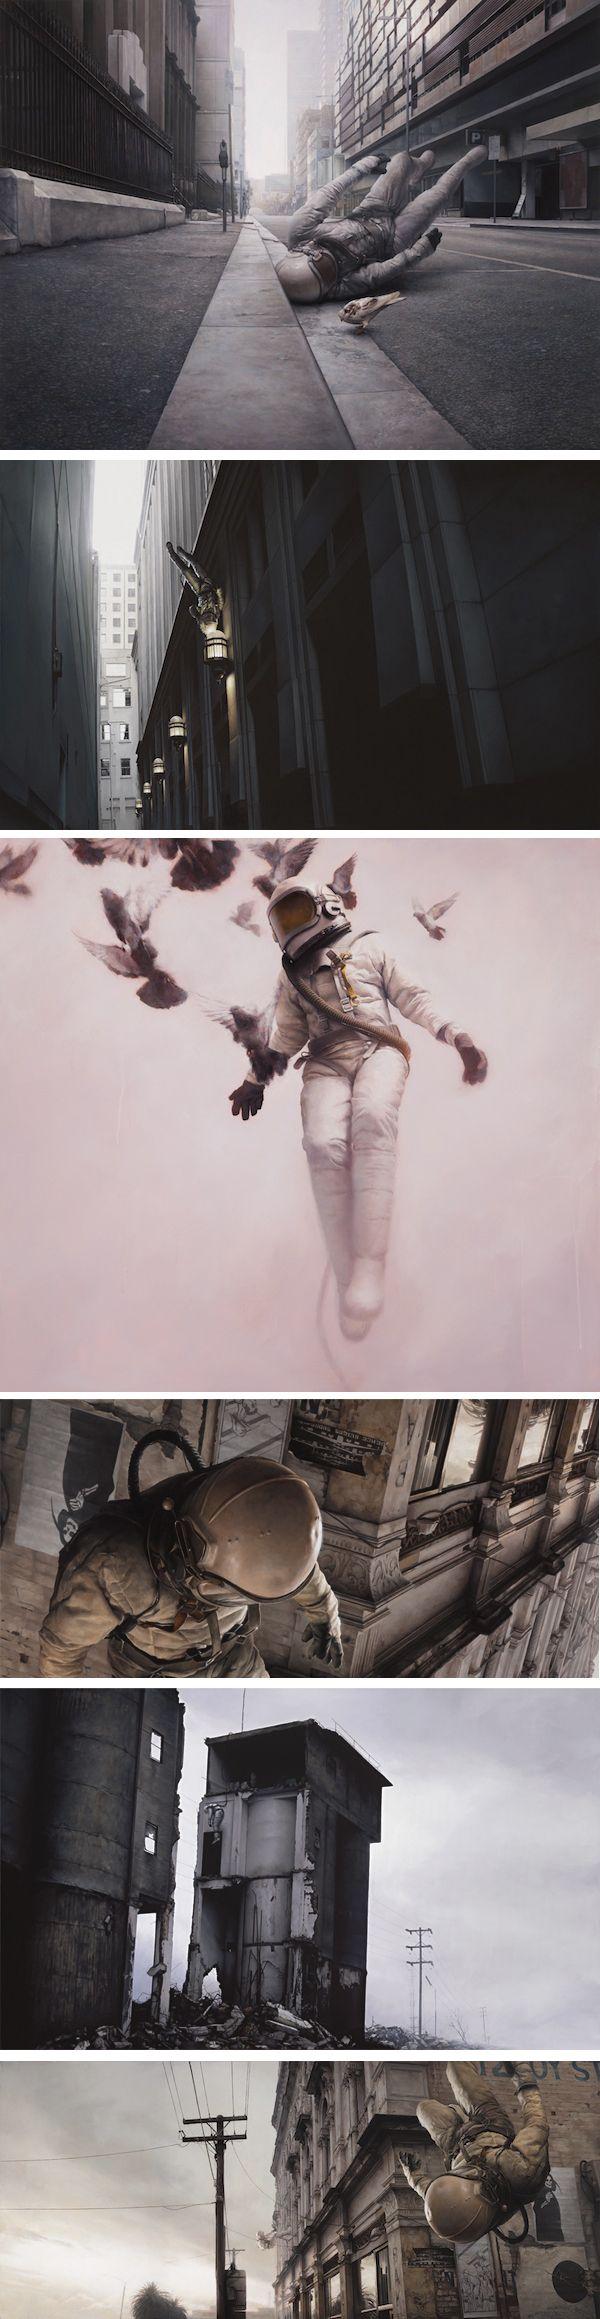 Jeremy Geddes #art #astronaut